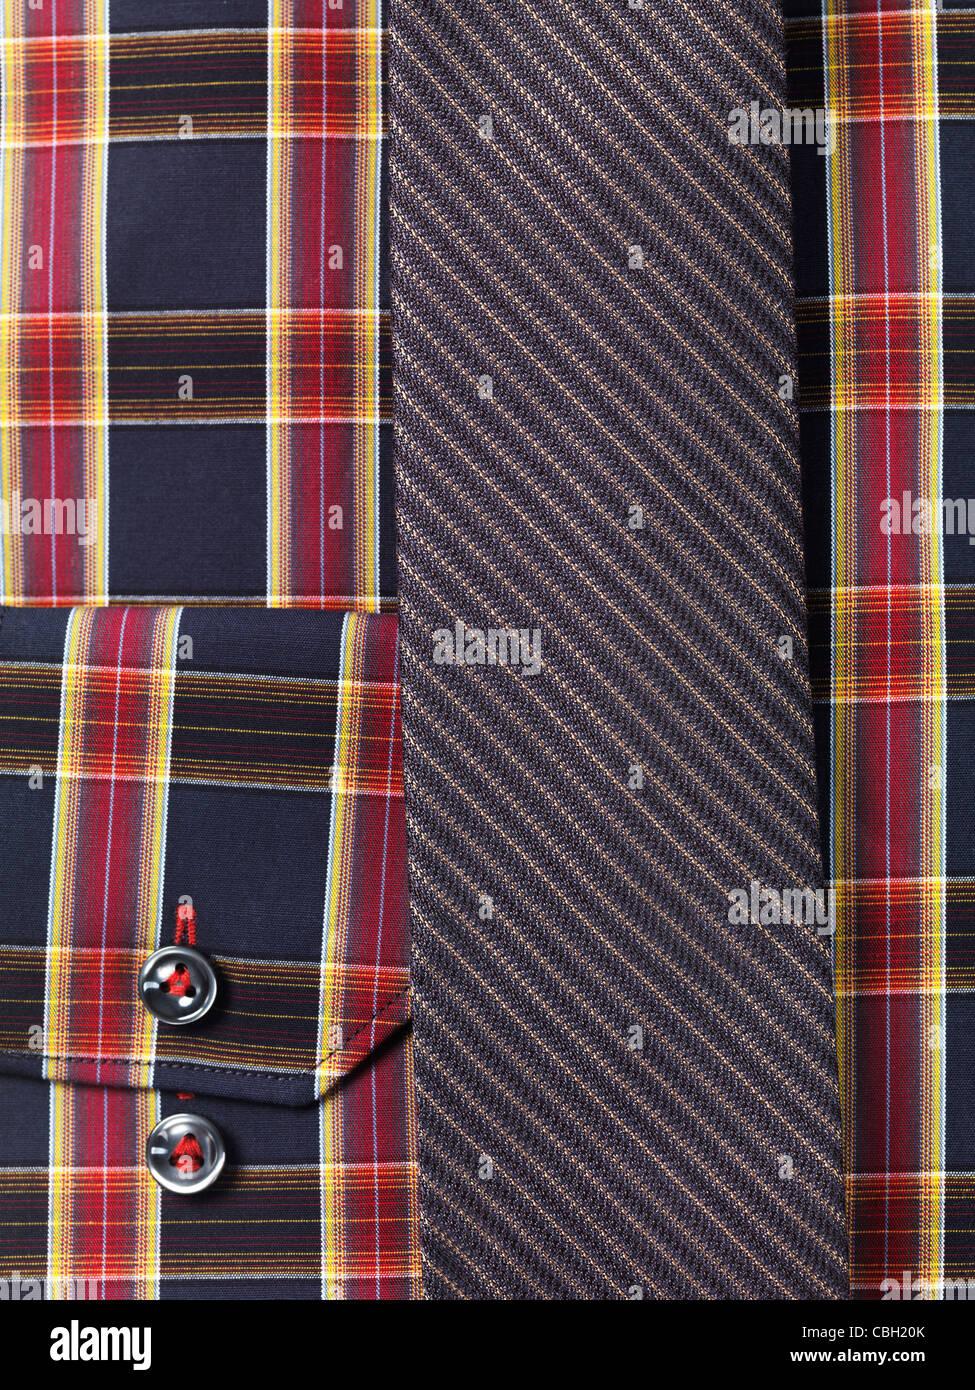 Primo piano di una mens tartan maglietta a collare con un sottile cravatta sfondo astratto Immagini Stock